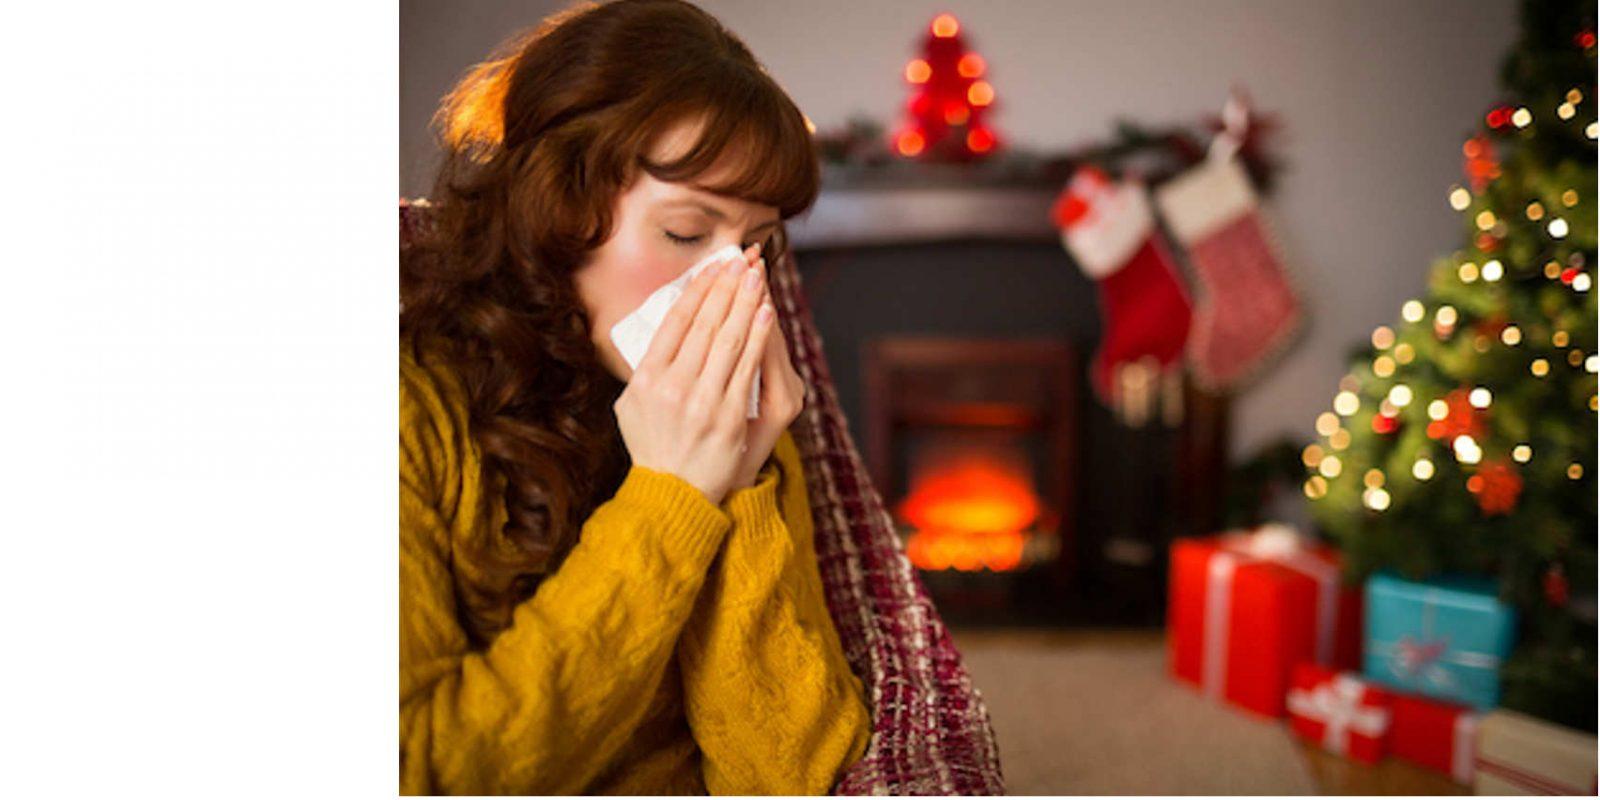 Dringender Arzneimittelbedarf an Weihnachten? Apotheke vor Ort im Notdienst!